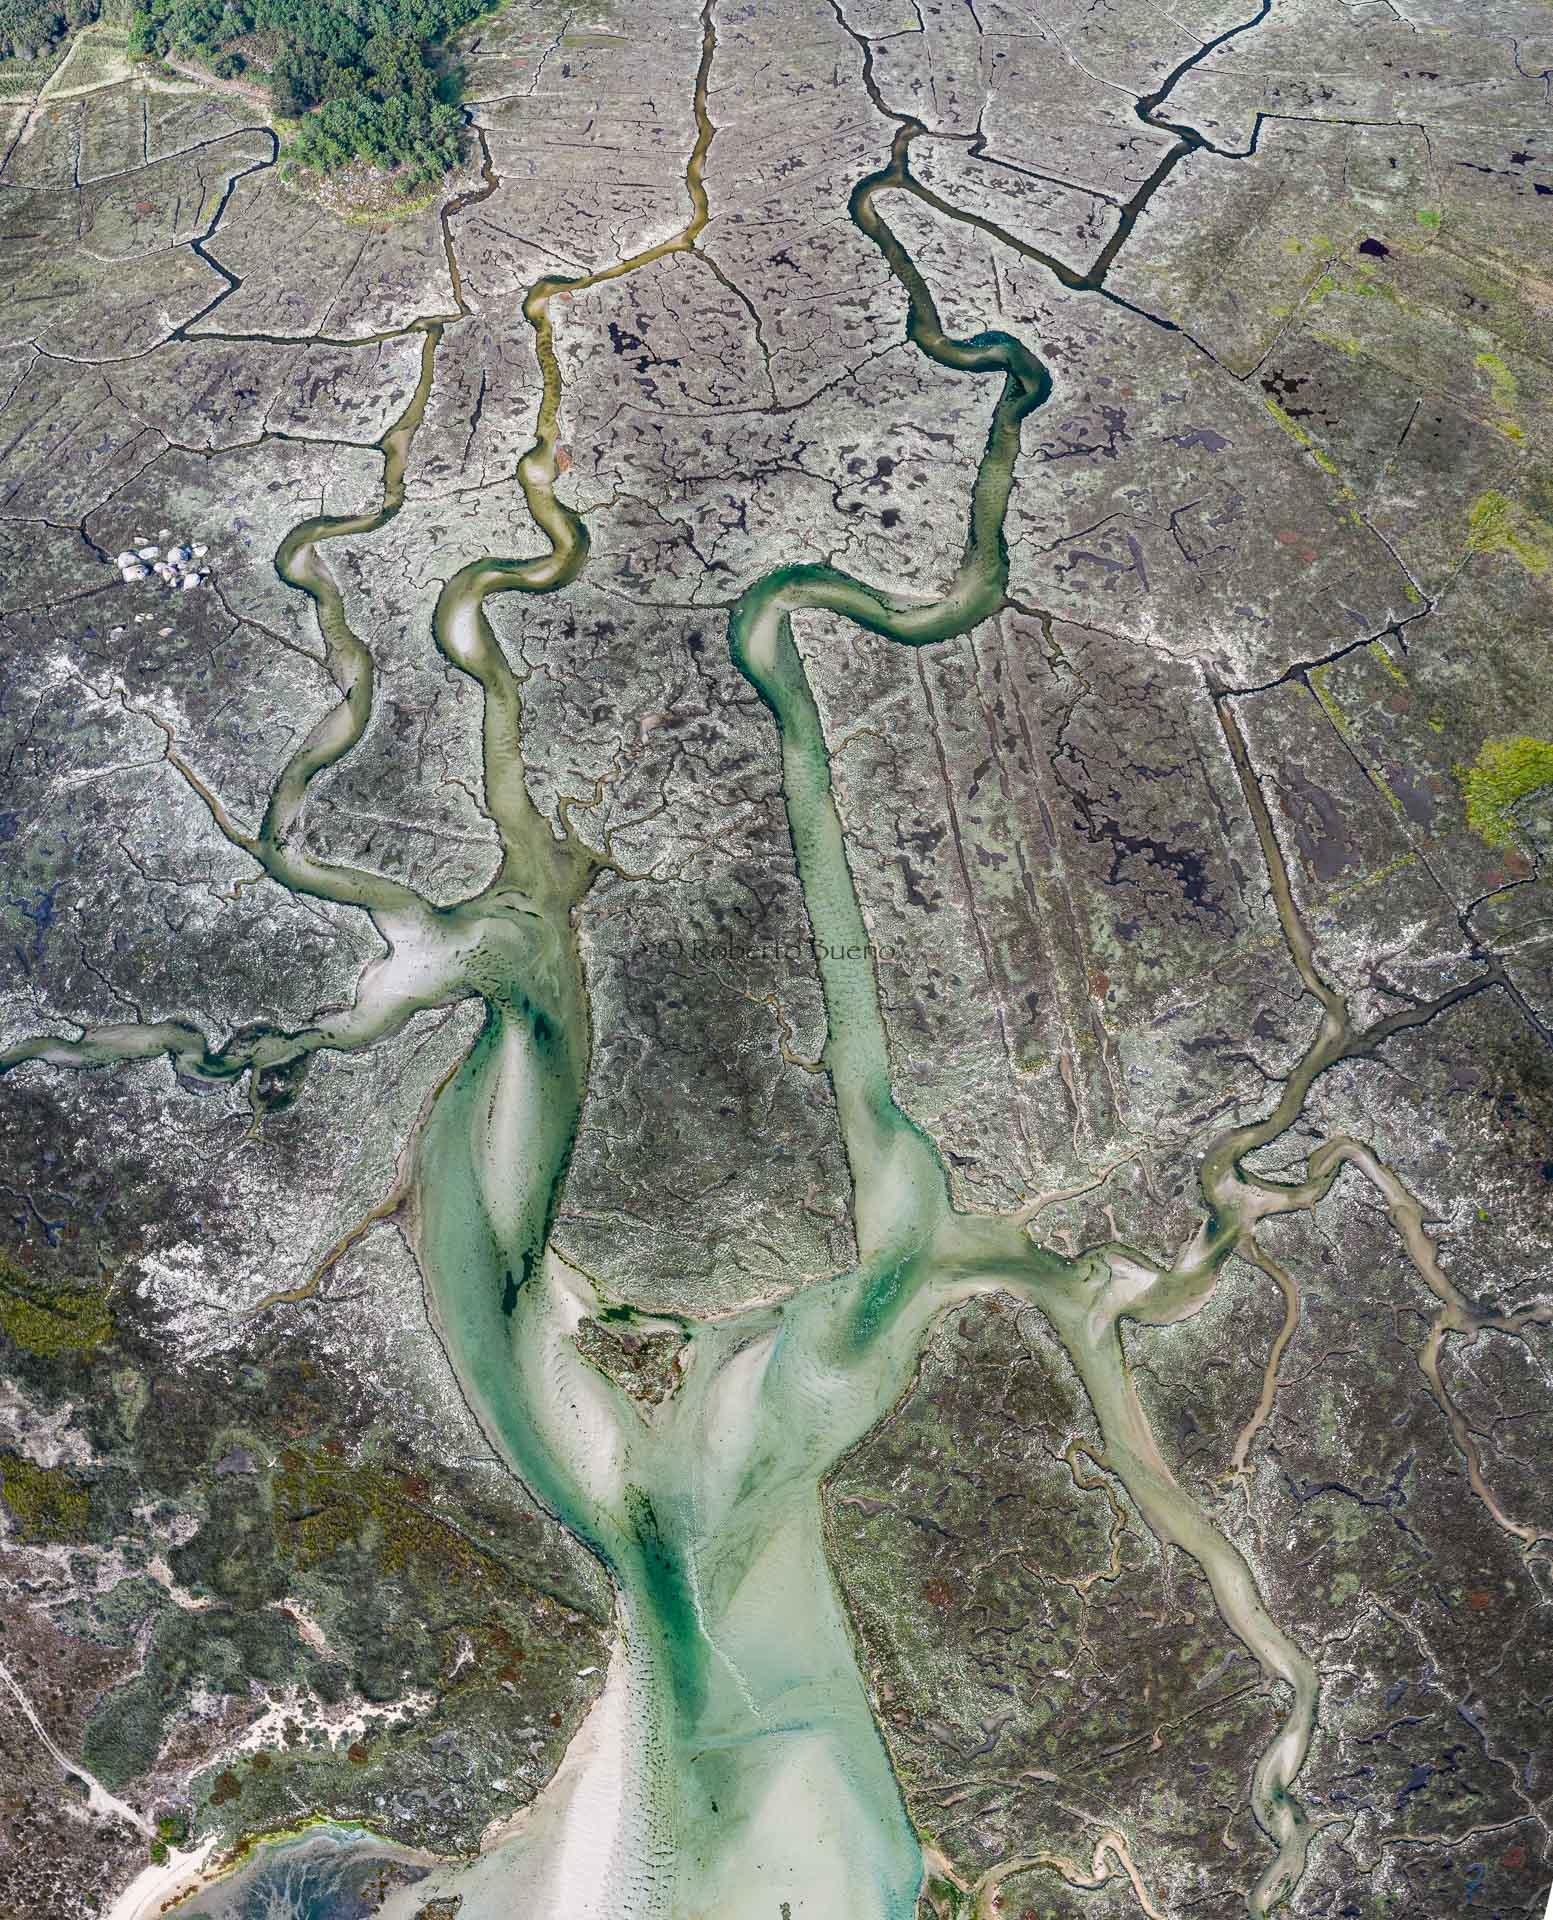 El árbol horizontal - Desde el aire 2 - Roberto Bueno - Fotografía de Naturaleza - Luces del Planeta - Desde el aire